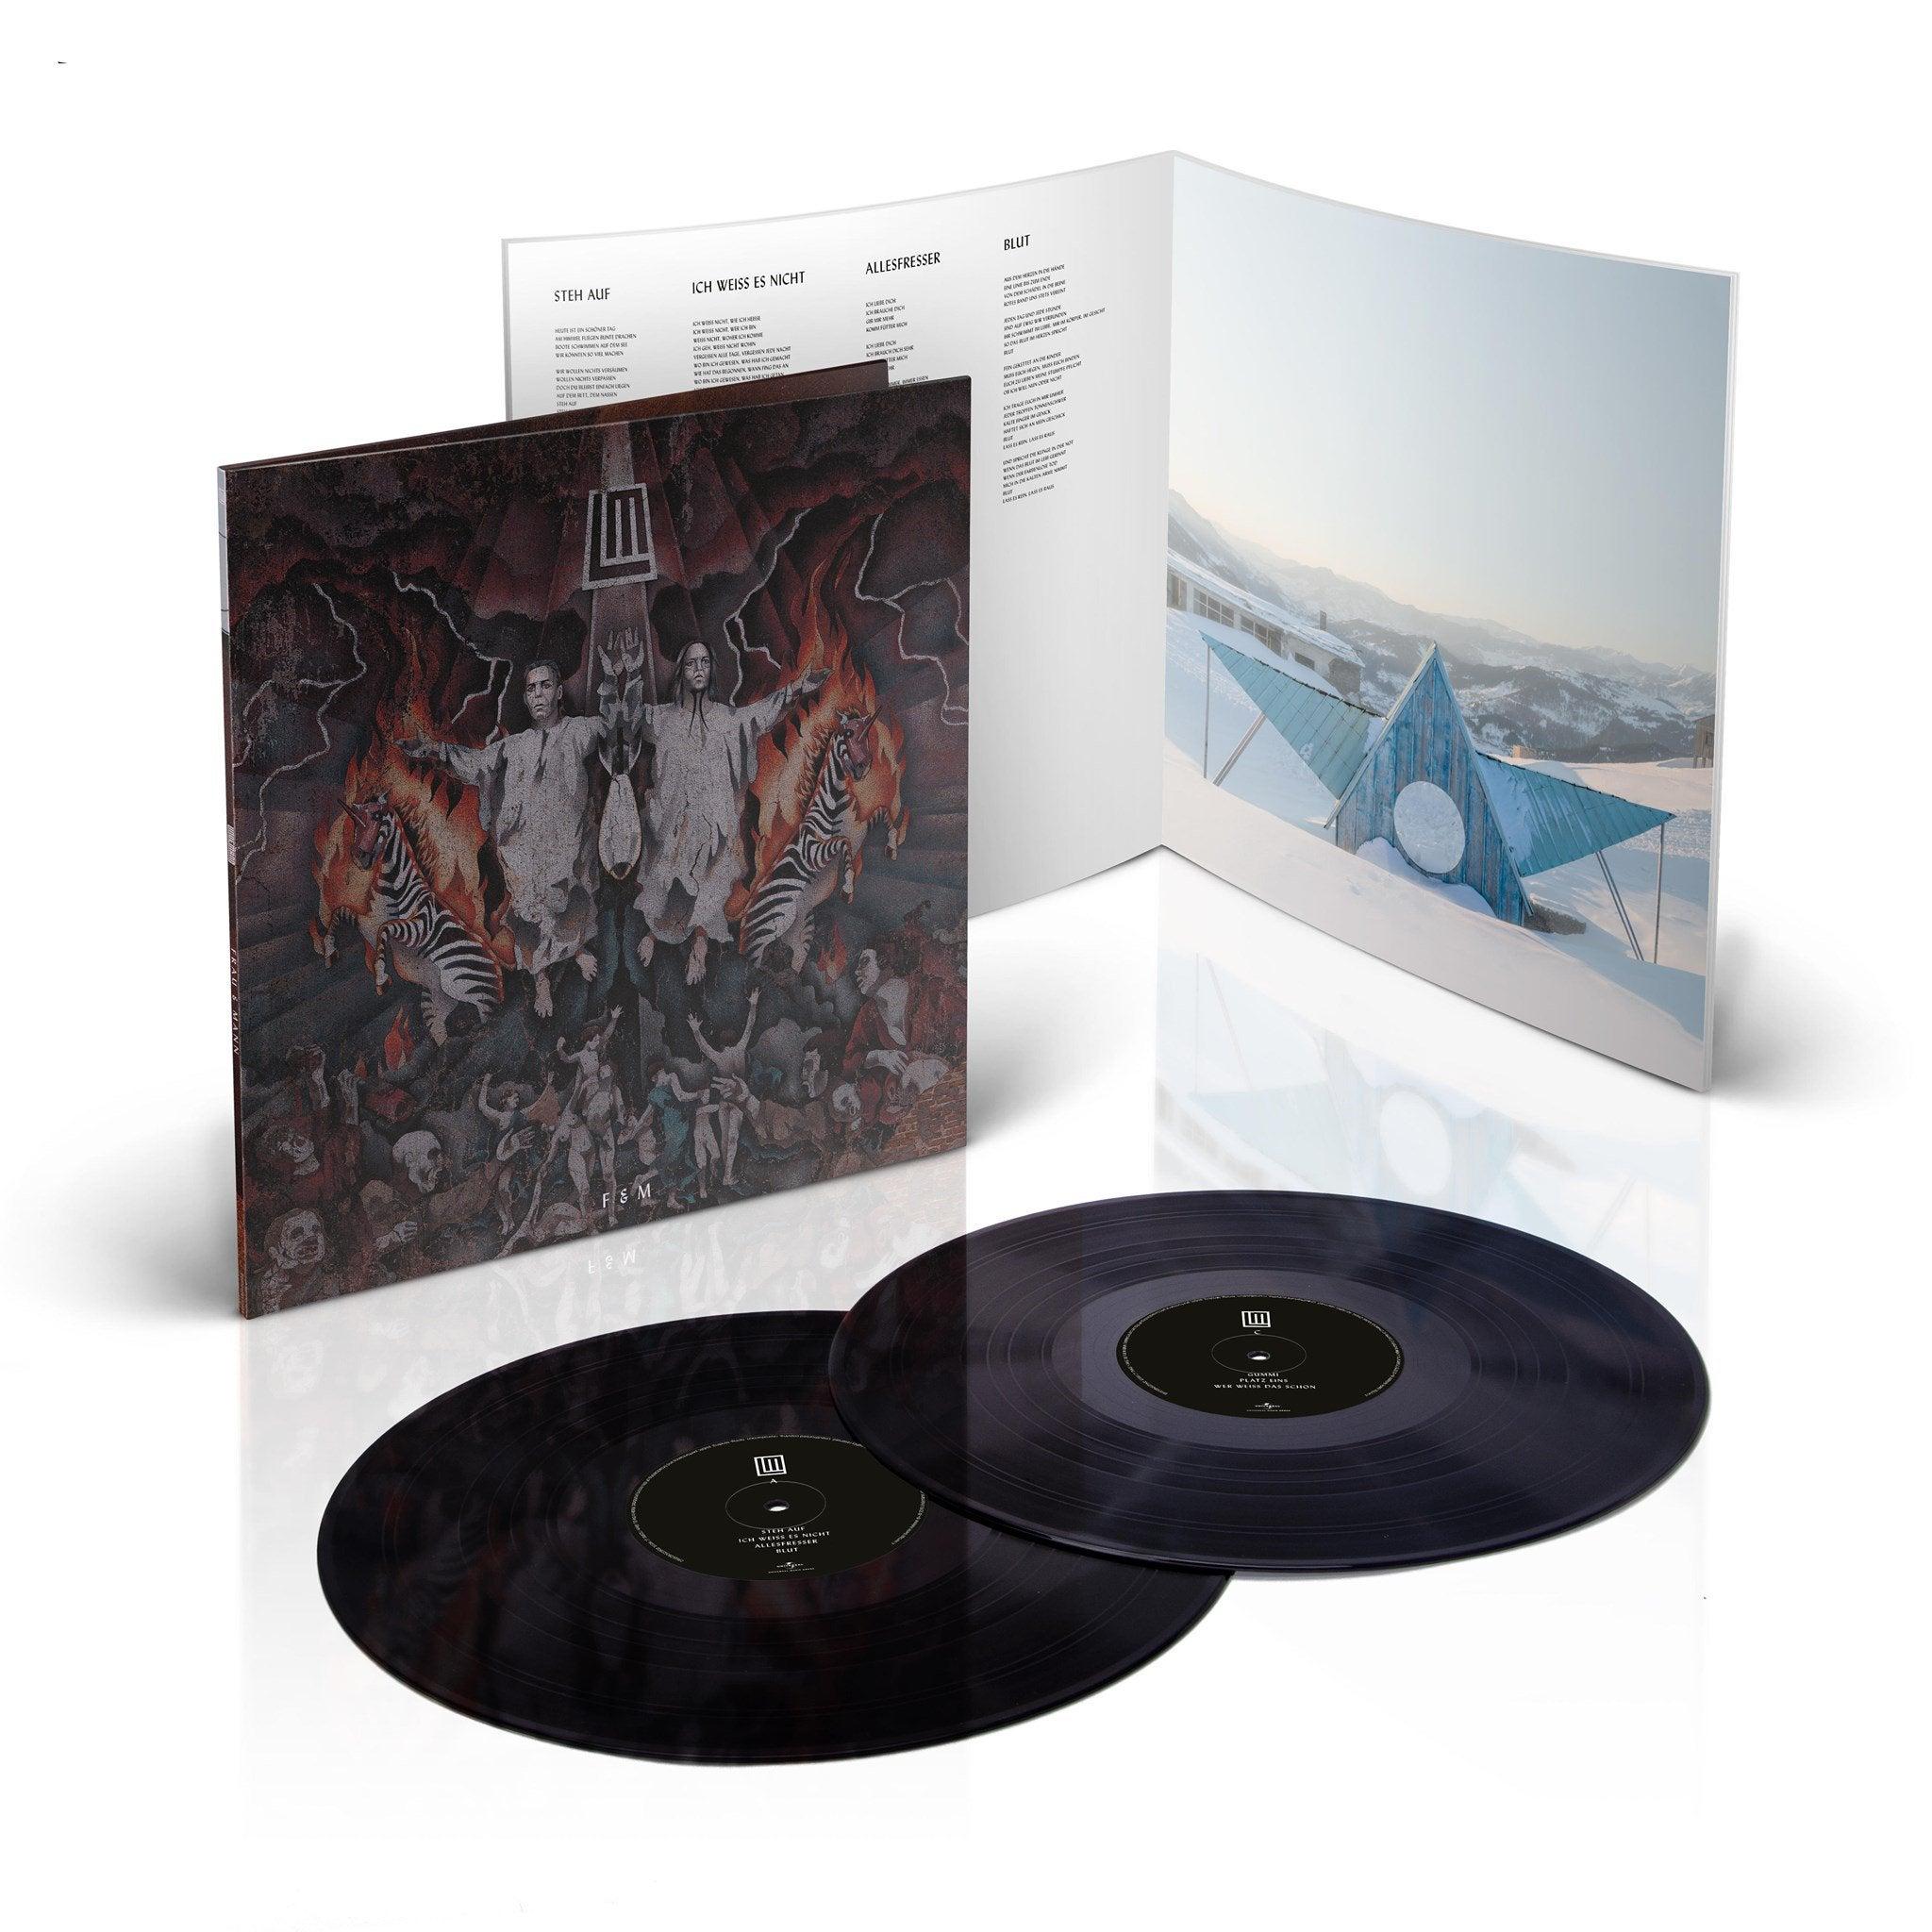 Дизайнер із Дніпра став співавтором обкладинки альбому гурту Lindemann